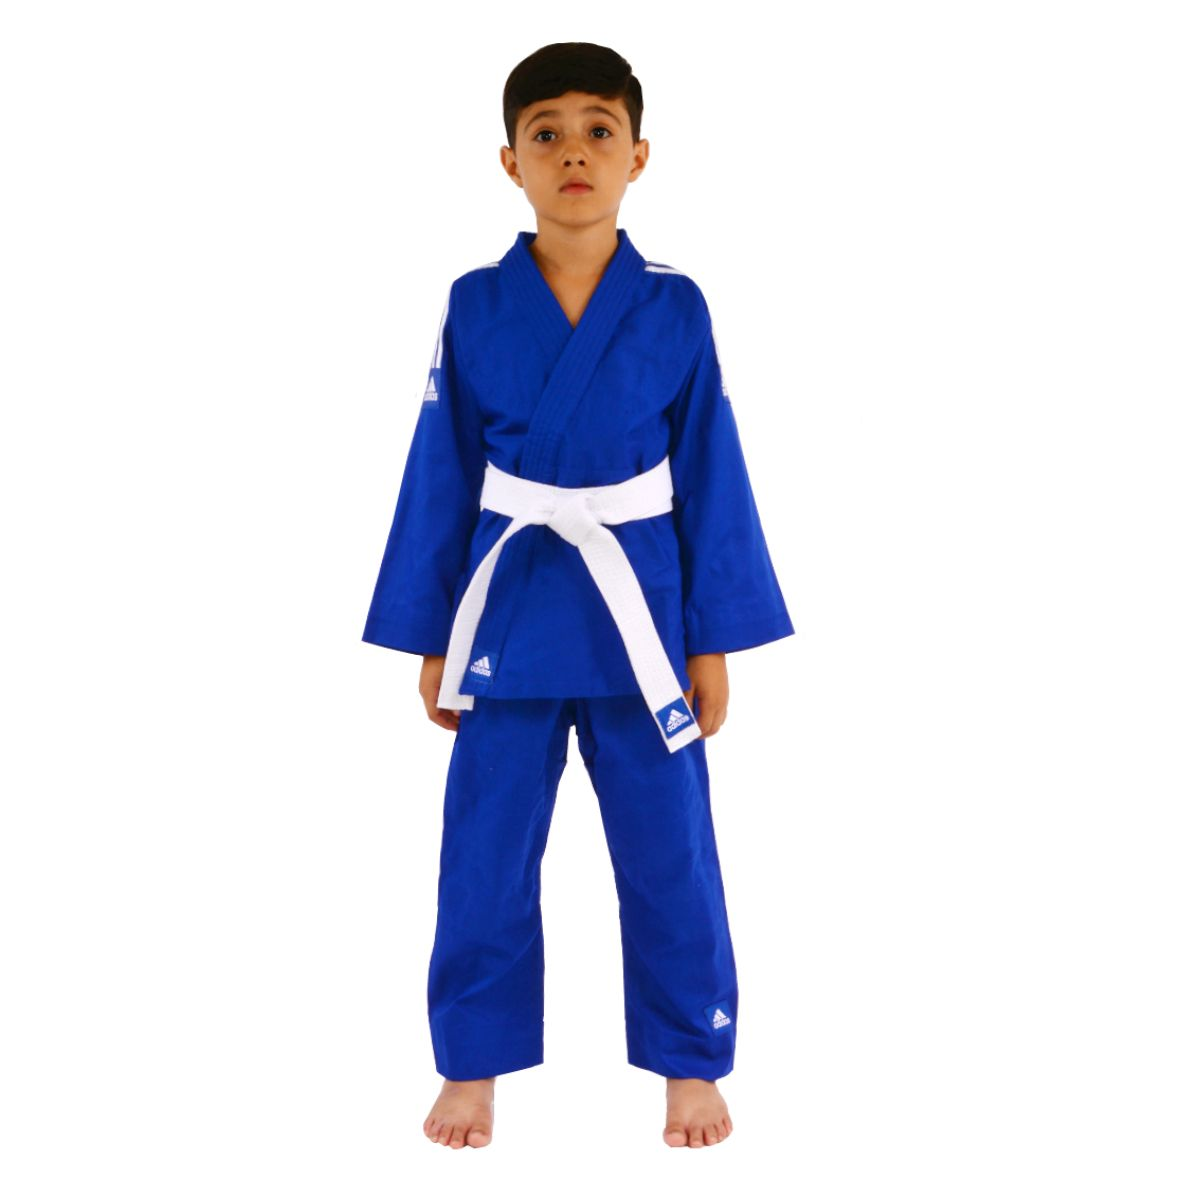 53f8e3e97e1 Kimono Judô Evolution Adidas Infantil Reforçado Azul - Made4fighters ...